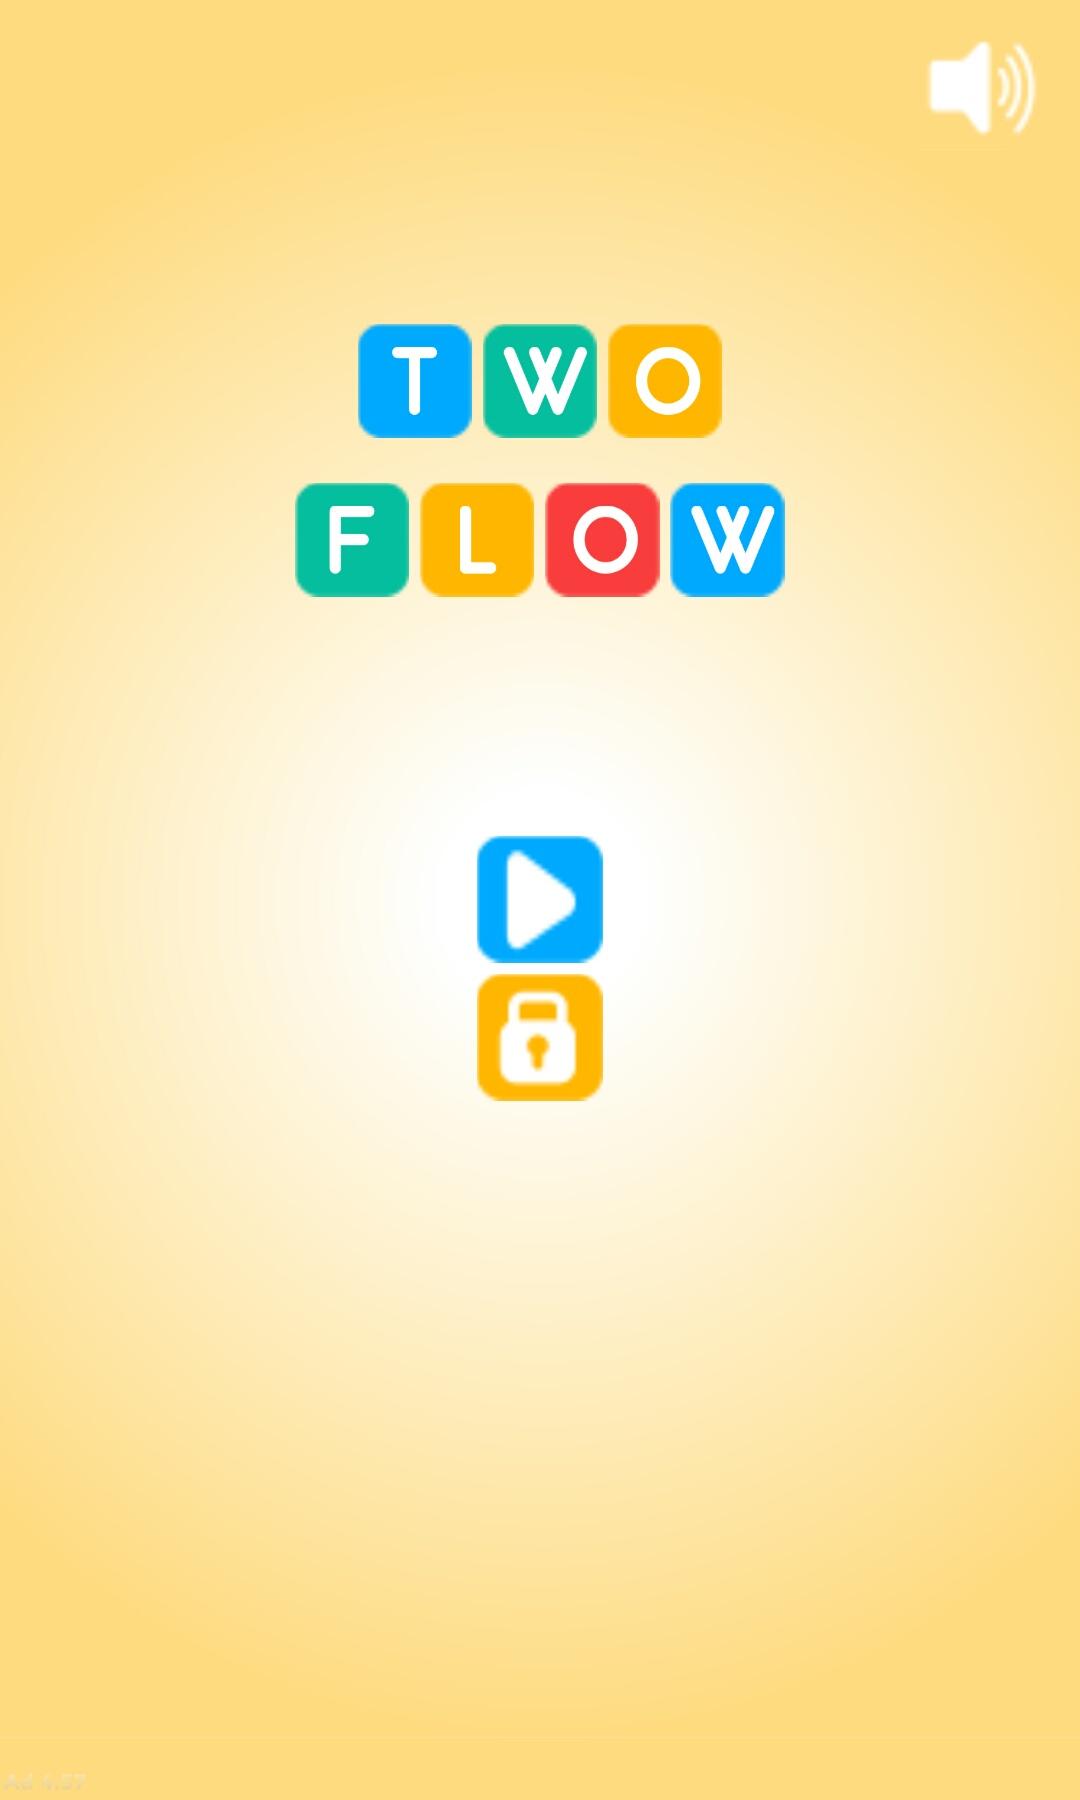 TwoFlow